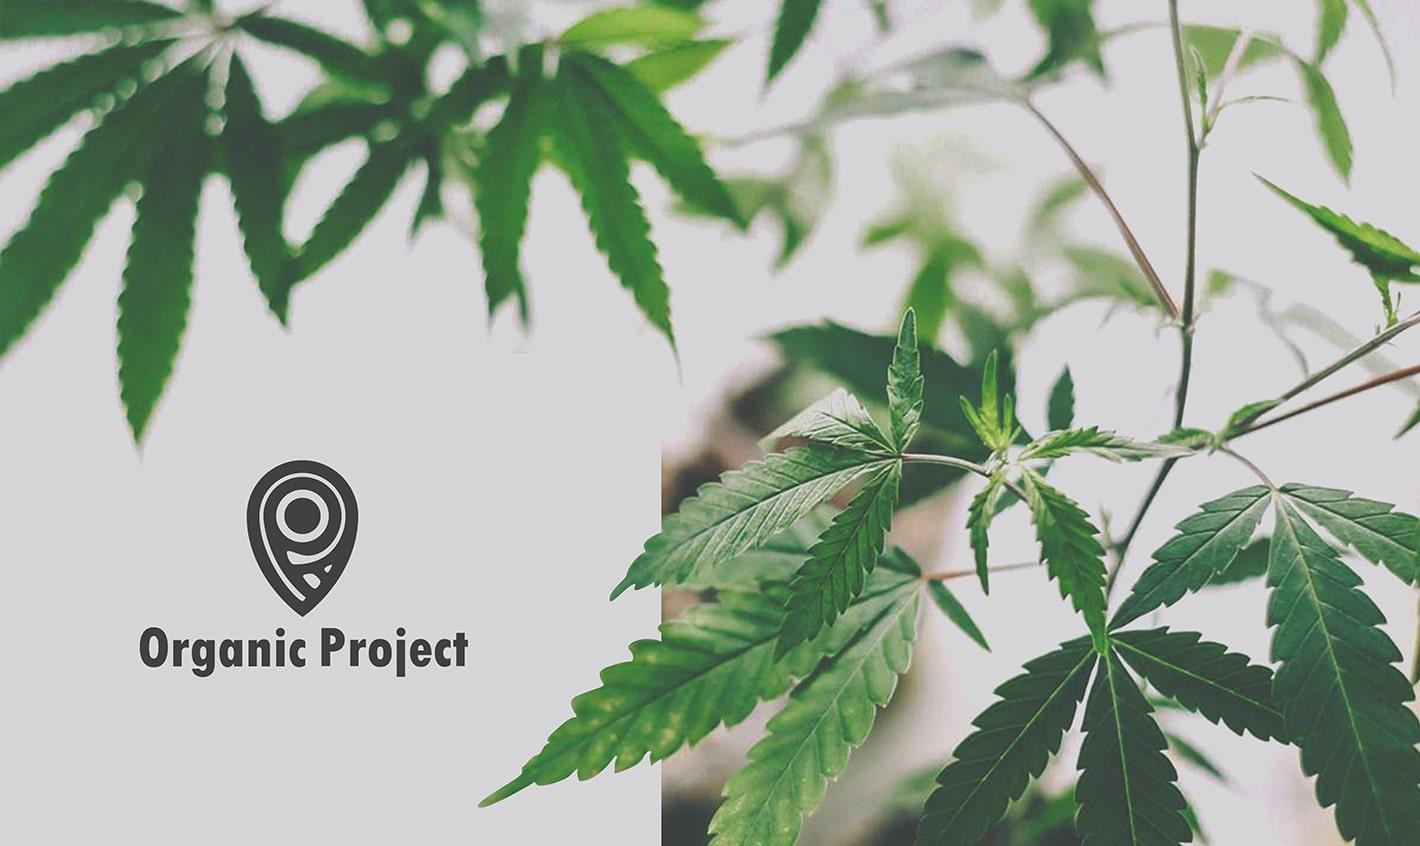 Organic Project - Efektowne logo kosmetyków i firmy kosmetycznej - VIATAS Design Studio